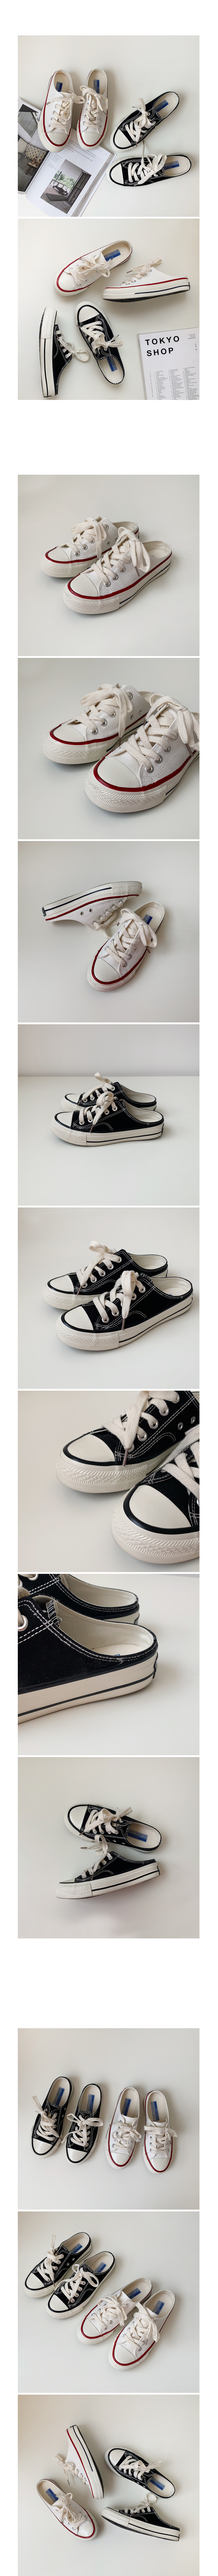 SenseMule sneakers